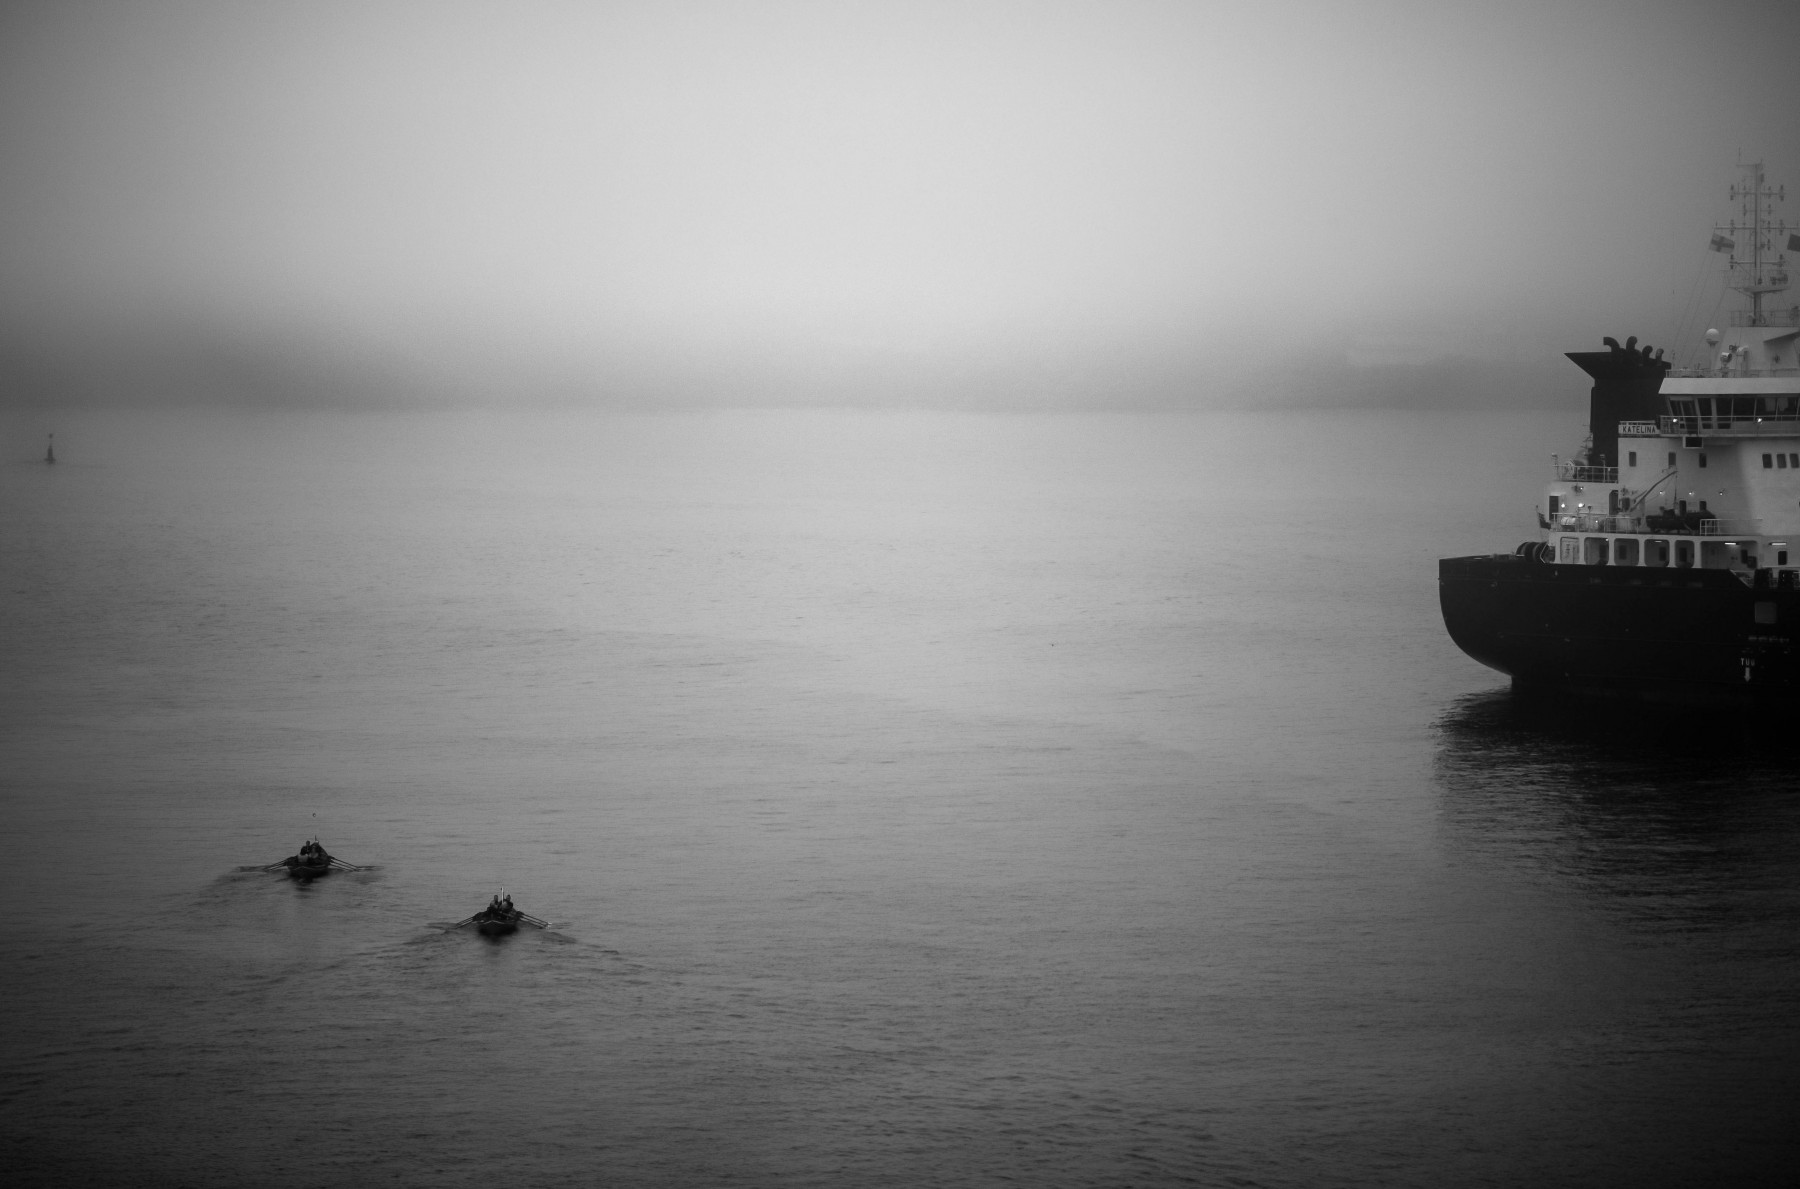 faroe-islands-5.jpg.